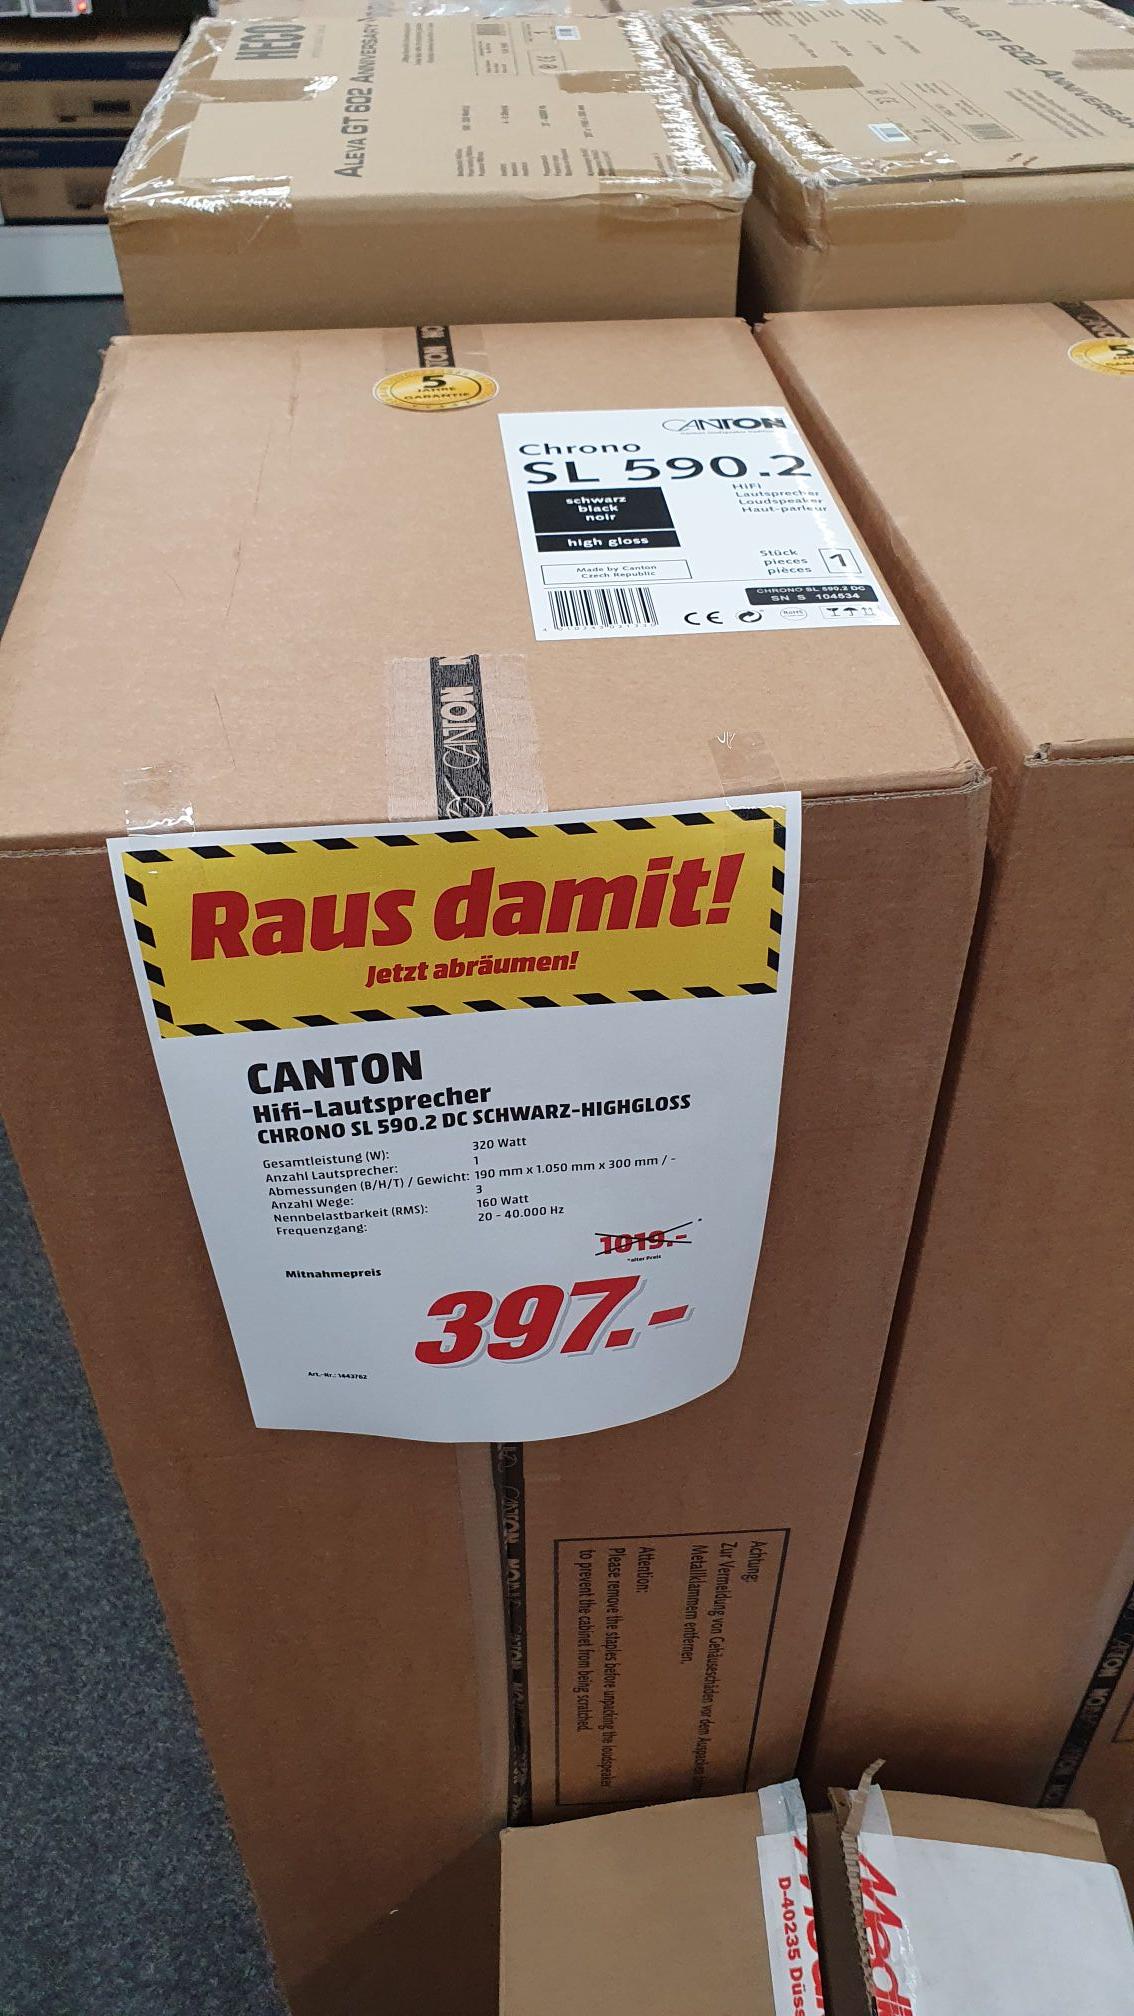 Lautsprecher Canton Chrono SL 590.2 für Stückpreis 397 € im Mediamarkt Düsseldorf Metrostraße